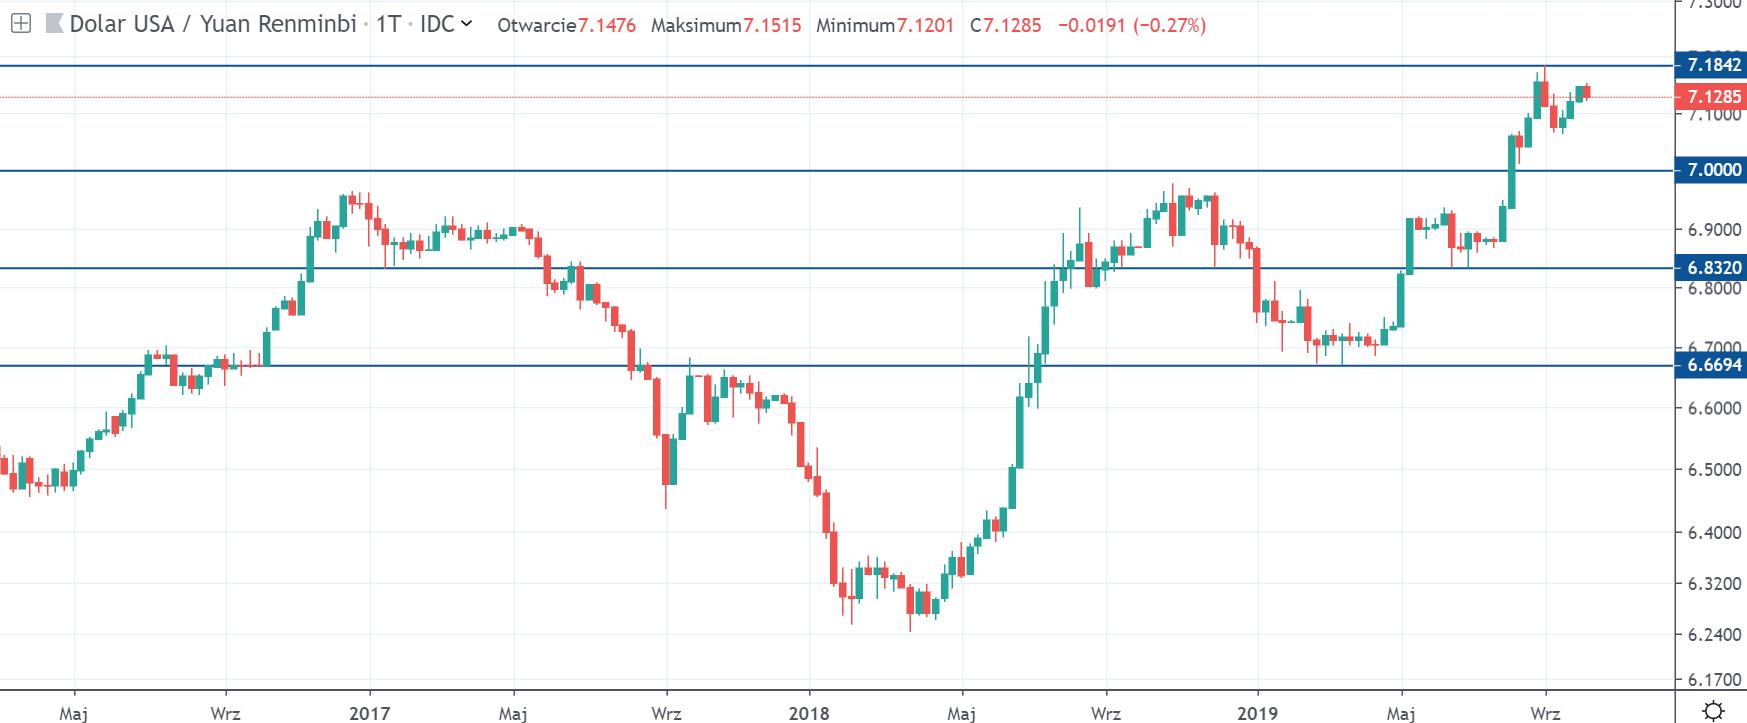 Kurs dolara do juana w środę na interwale tygodniowym źródło tradingview 9 10 19